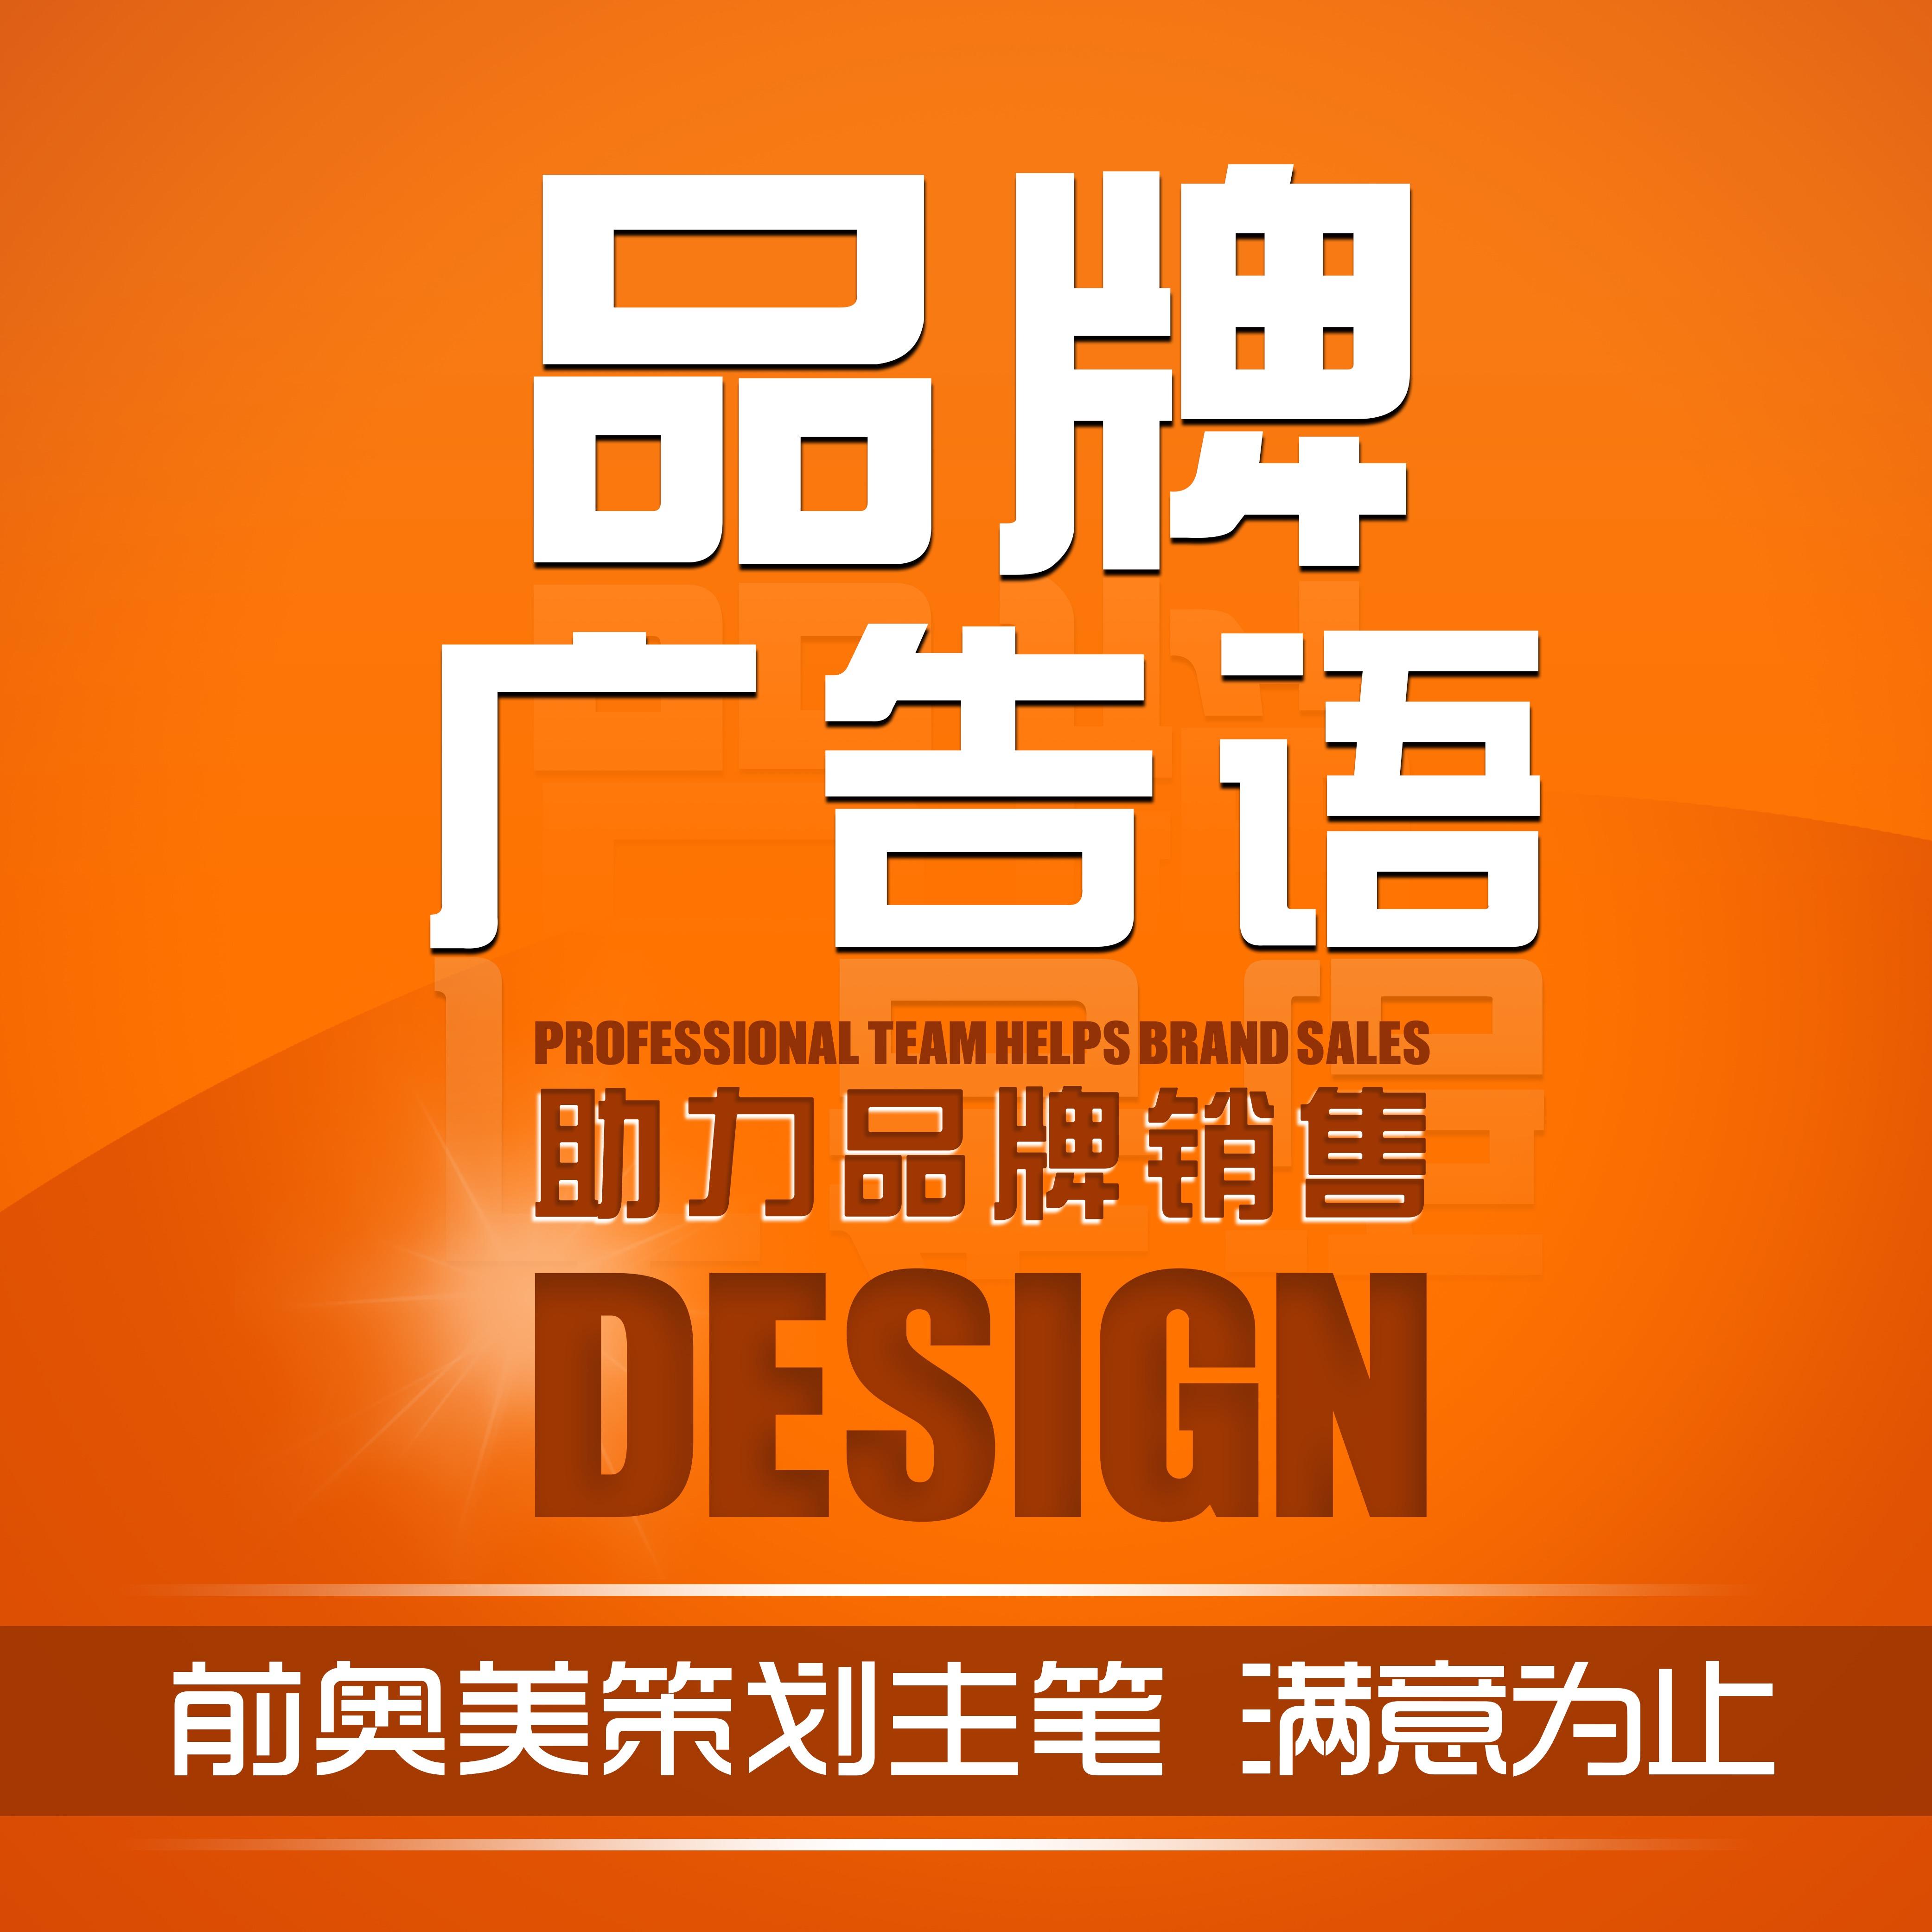 企业品牌广告语Slogan策划品牌故事品牌策略定位品牌策划